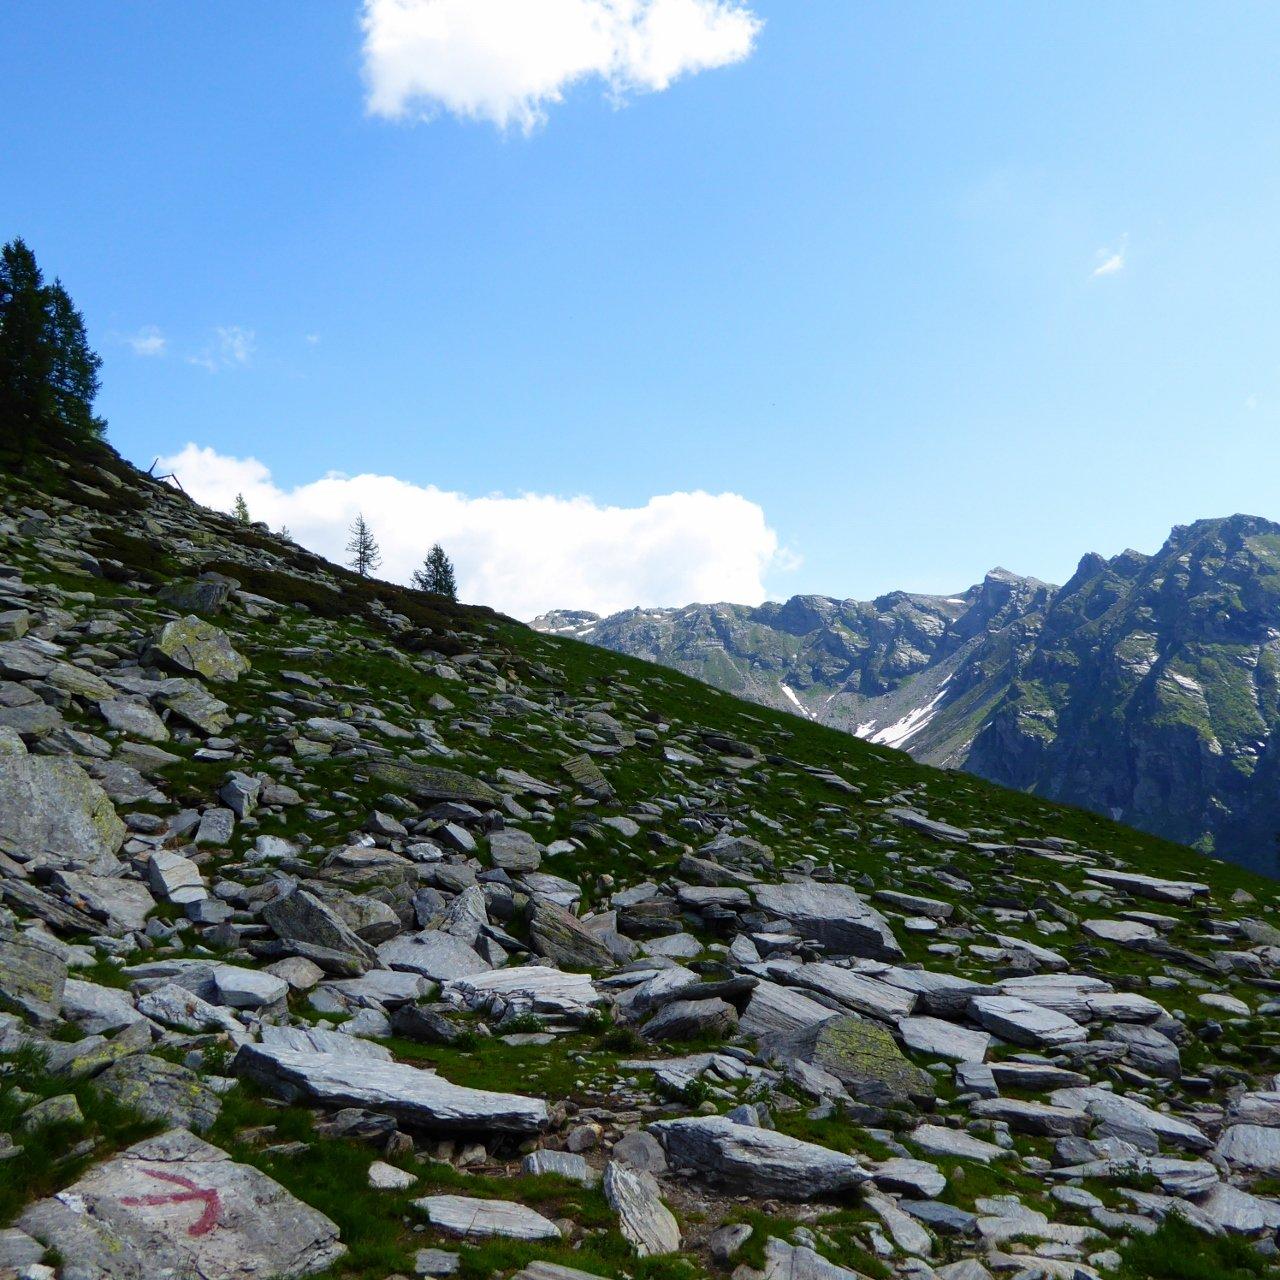 cima e destinazione (centro foto) ripresi dall'alpe Dorca, e quindi ancora lontani